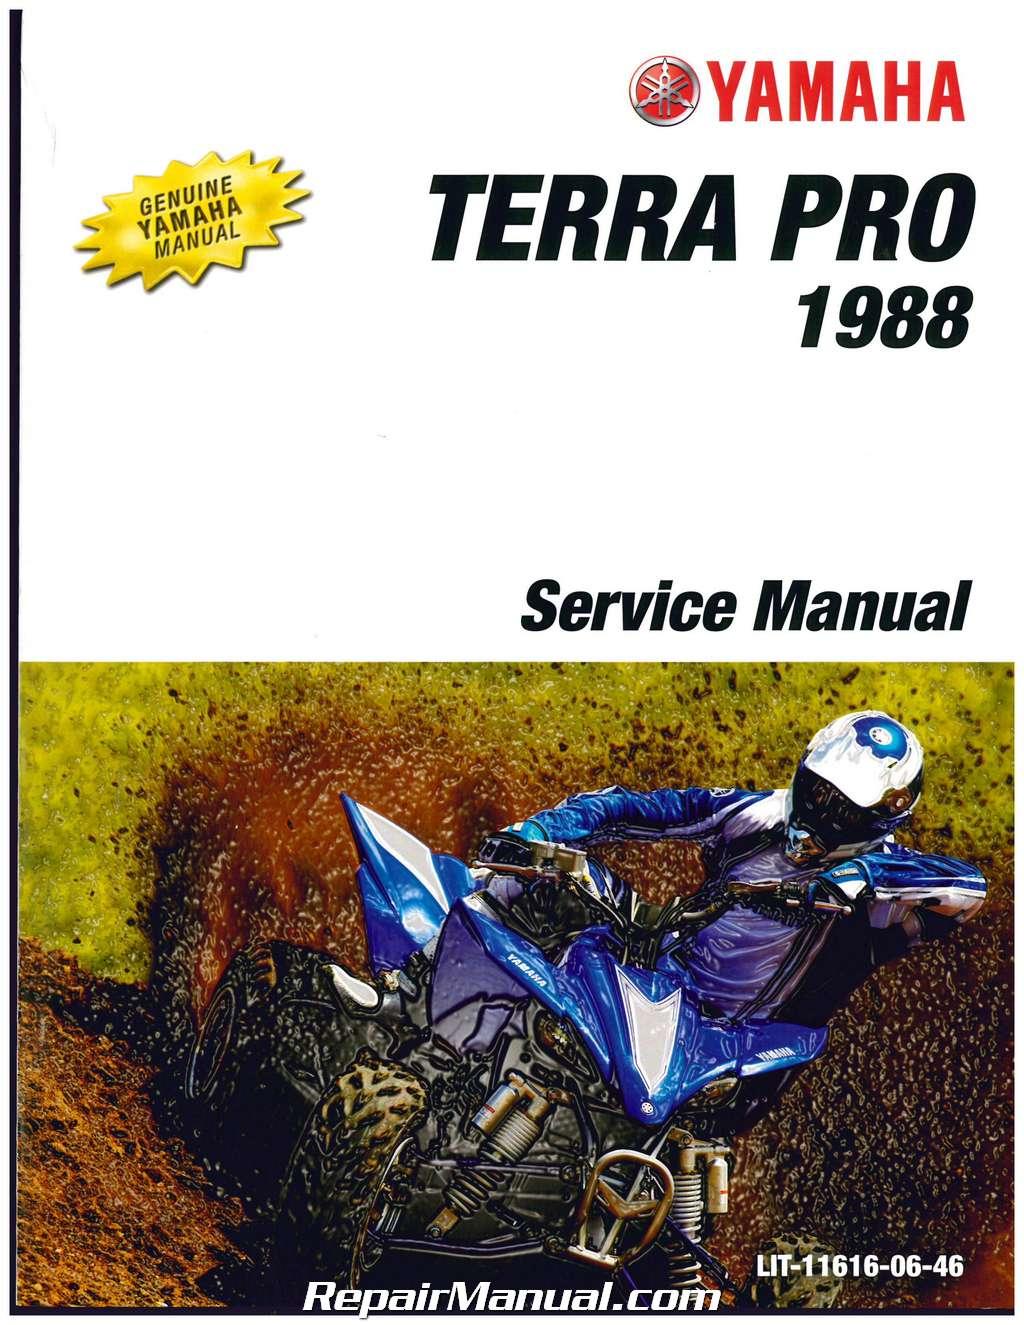 1988 yamaha yfp350 terra pro atv service manual rh repairmanual com Yamaha Terrapro 4 Wheeler Yfp Oil Yamaha Terrapro 350